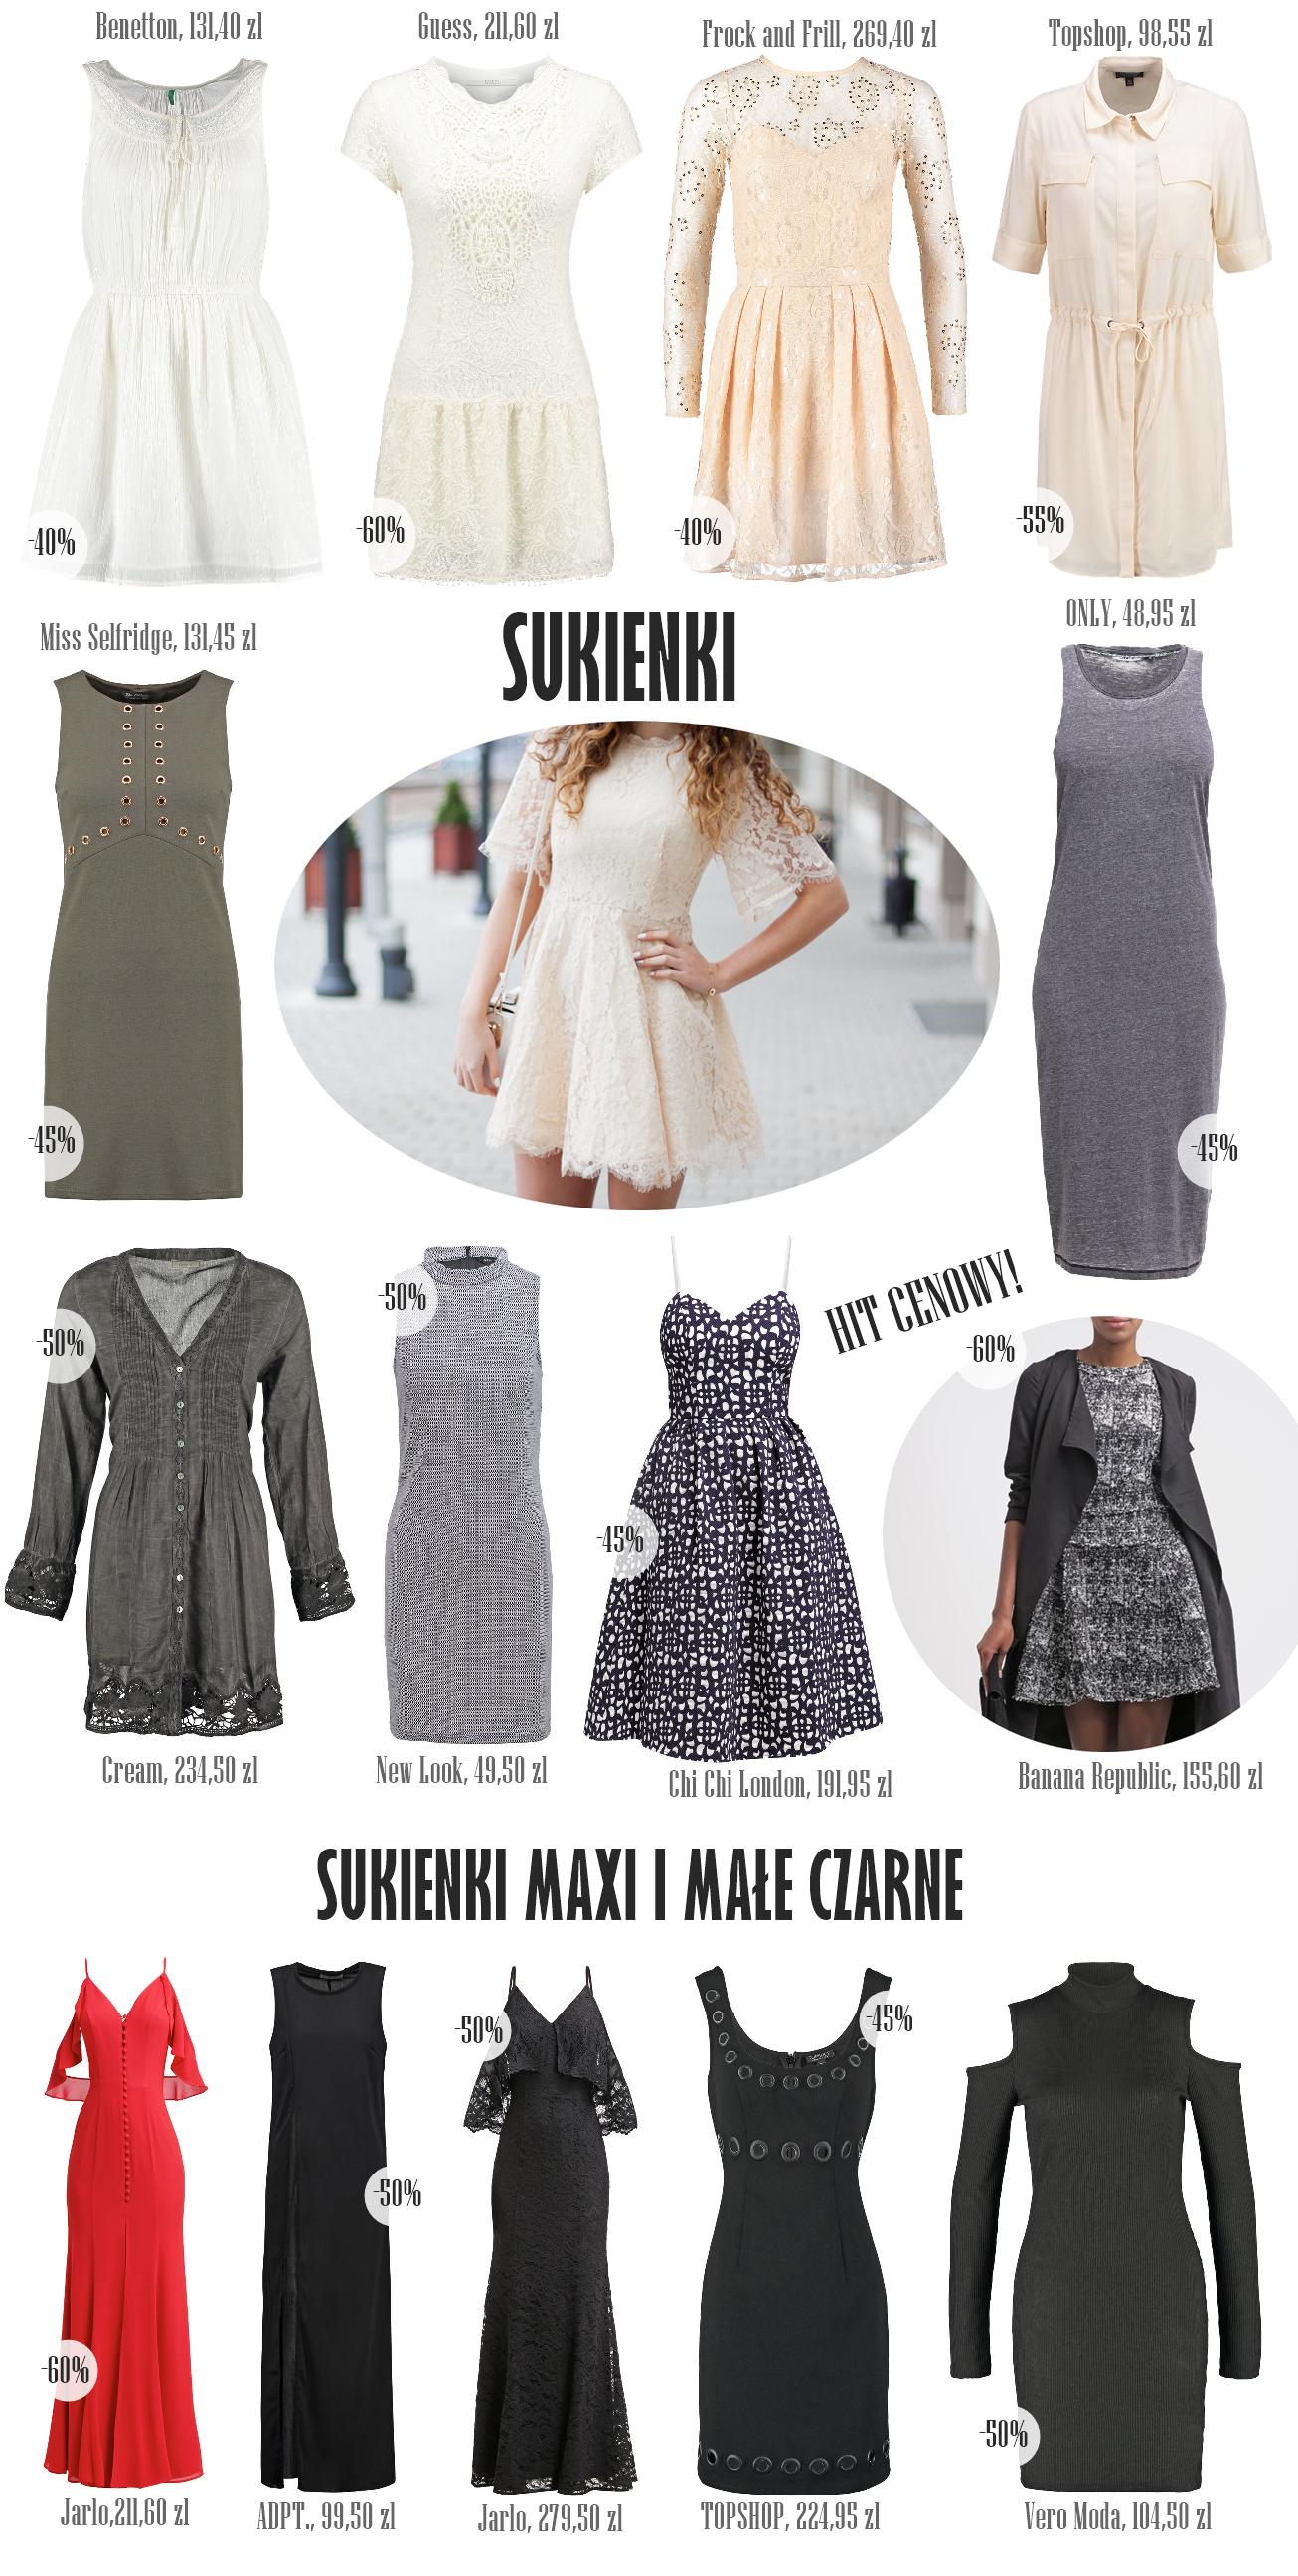 sukienki które warto kupić na wyprzedaży